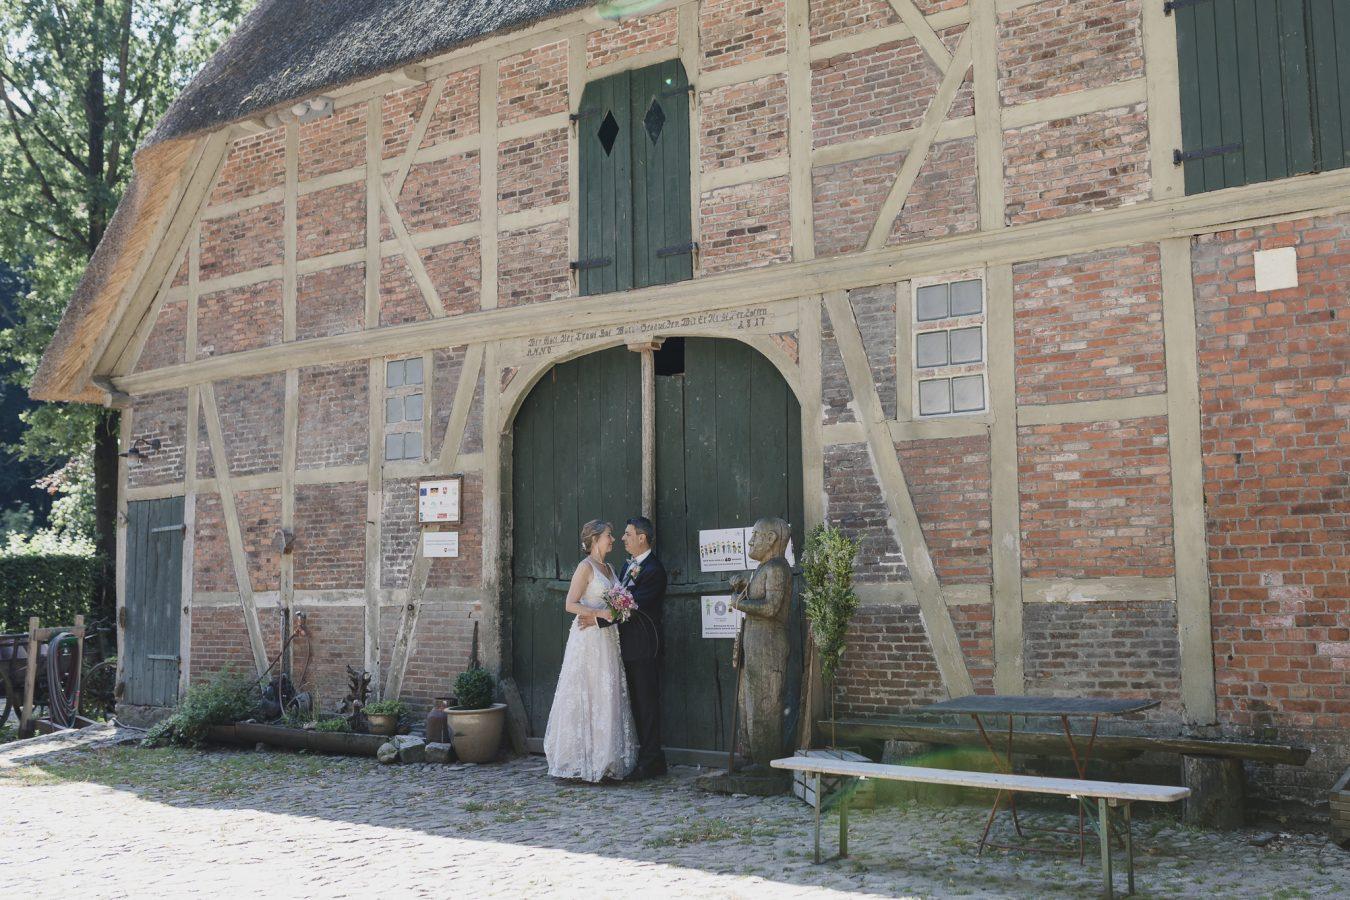 Das Brautpaar steht vor dem Standesamt in der Wassermühle Karoxbostel